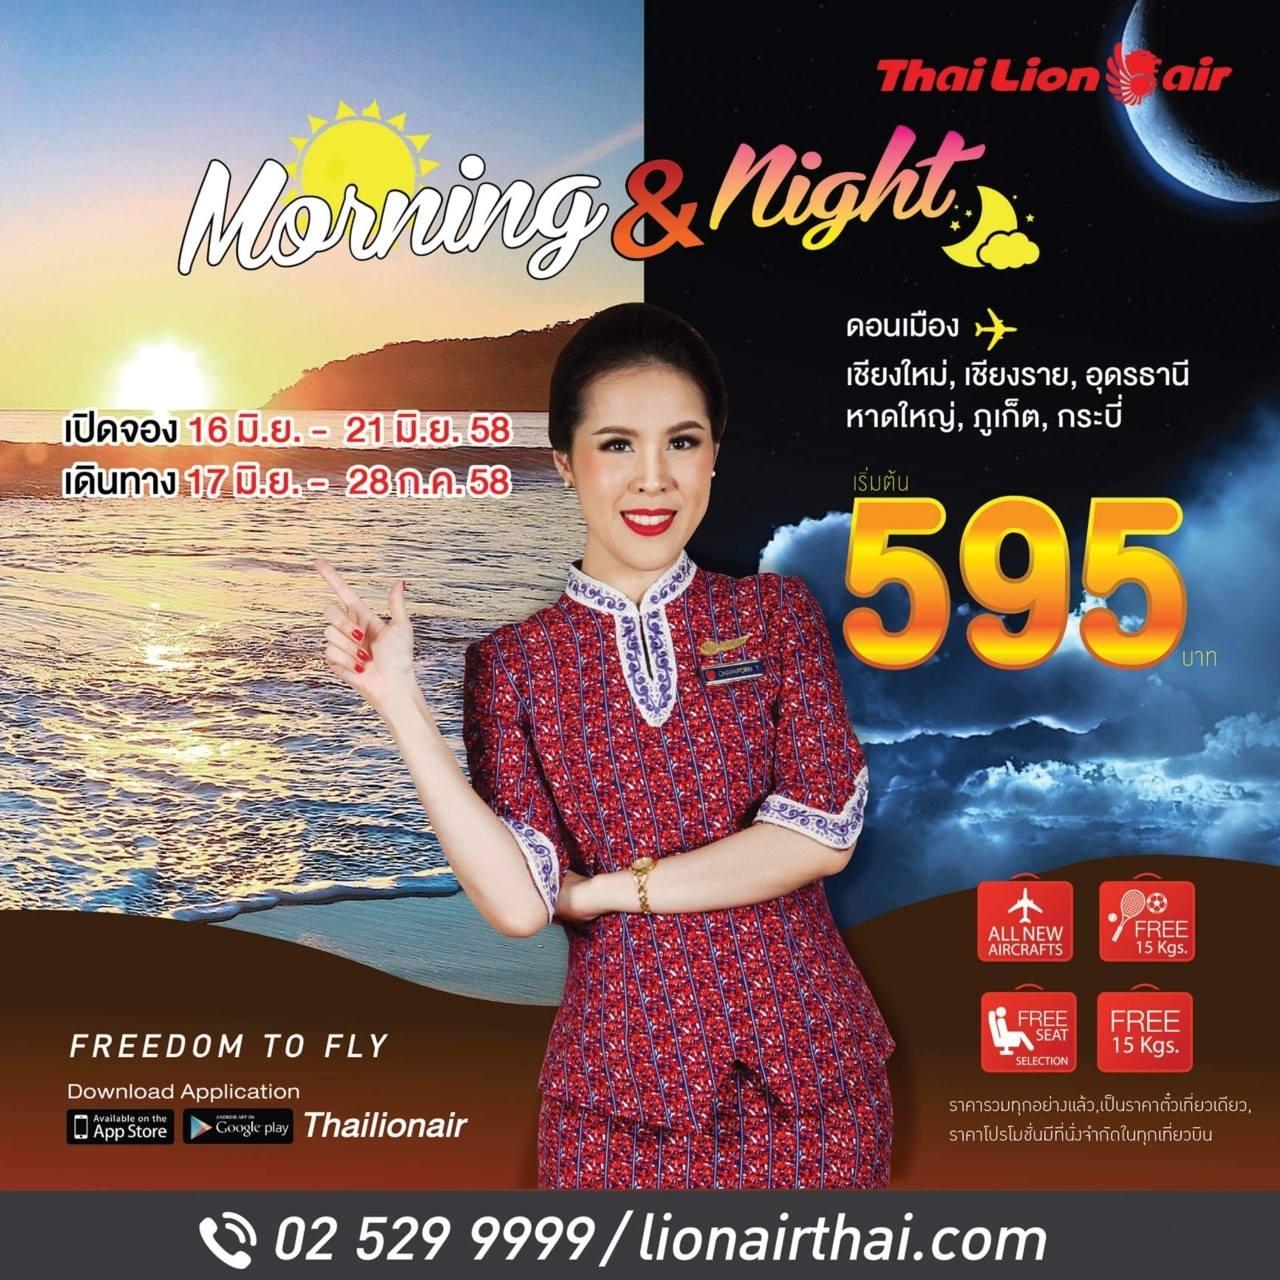 thailionair20150616